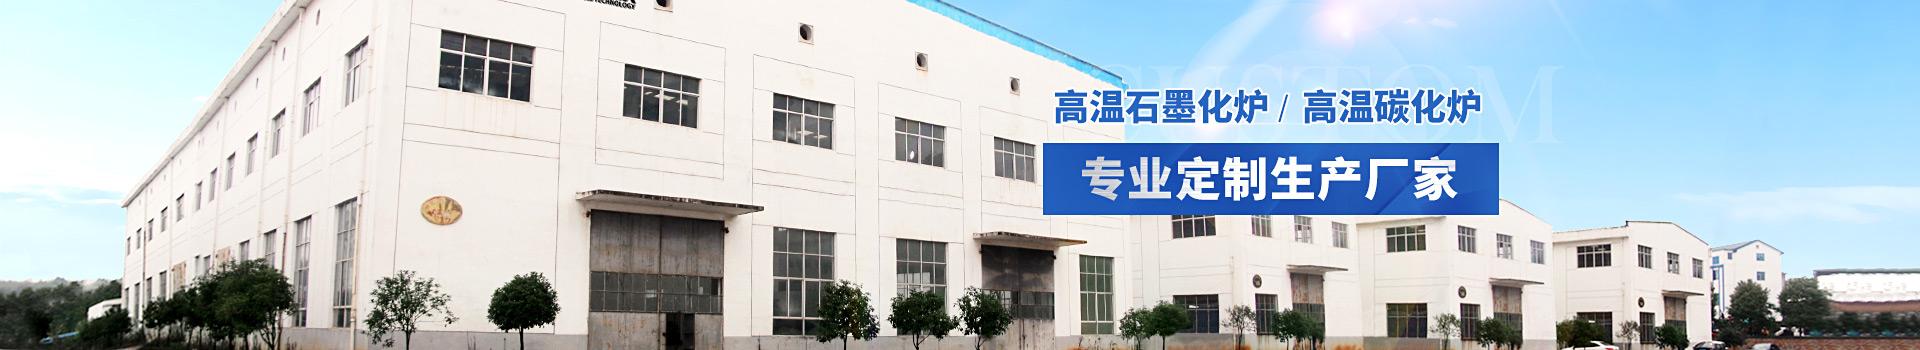 远航工业炉专业定制生产厂家